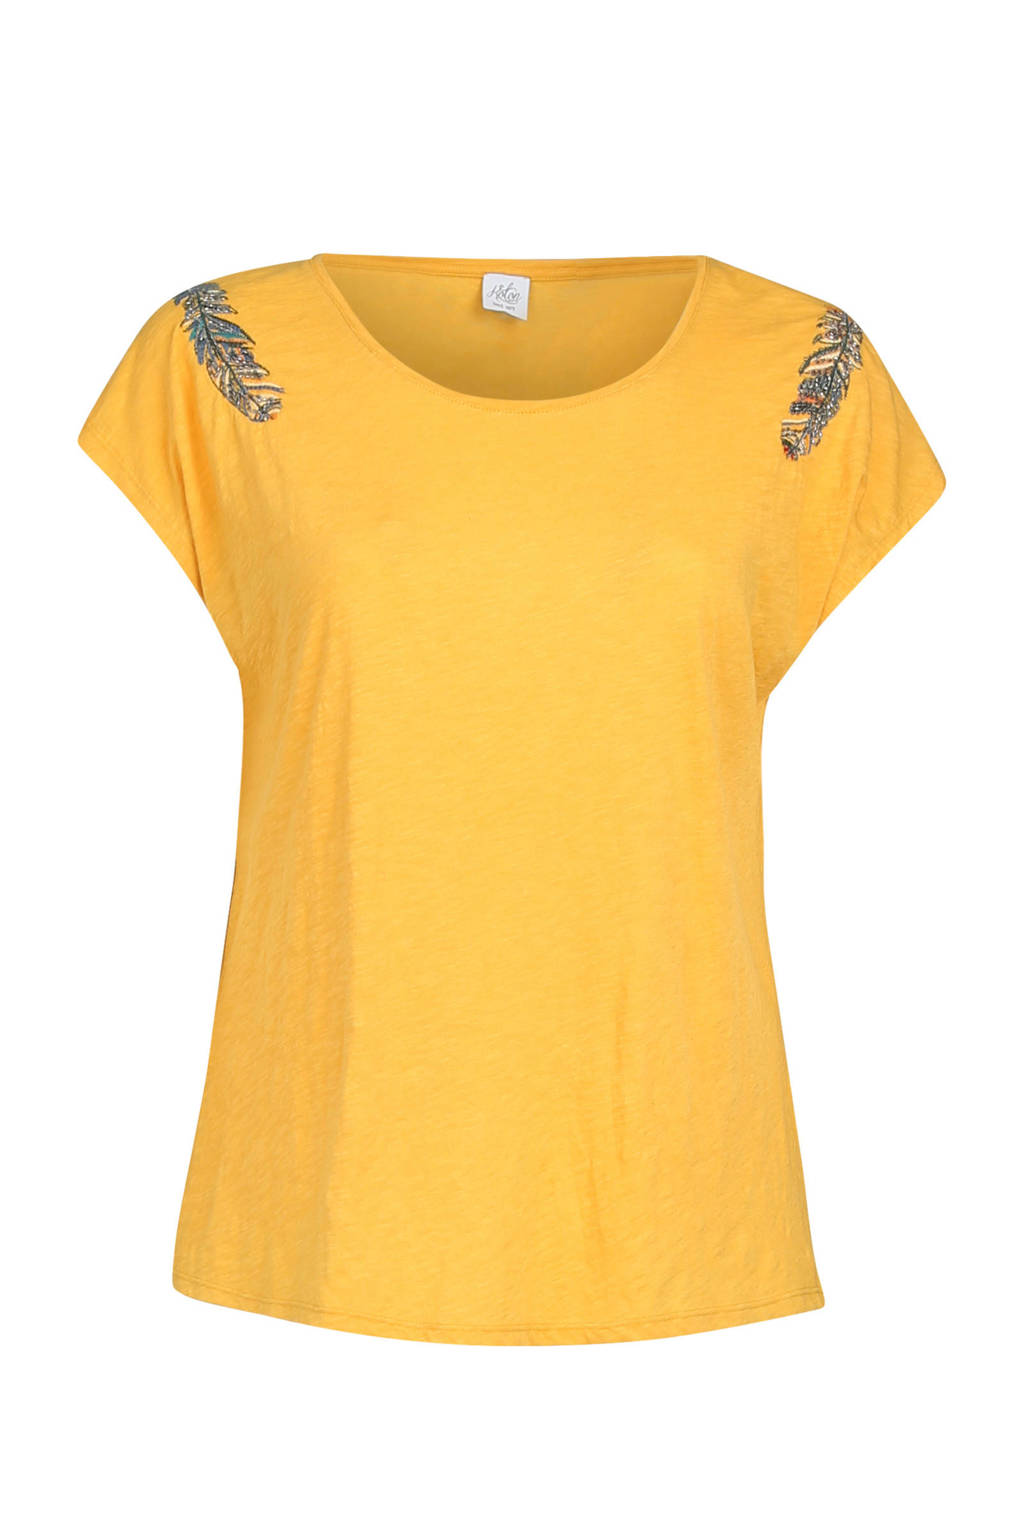 Paprika T-shirt met veer print, Okergeel